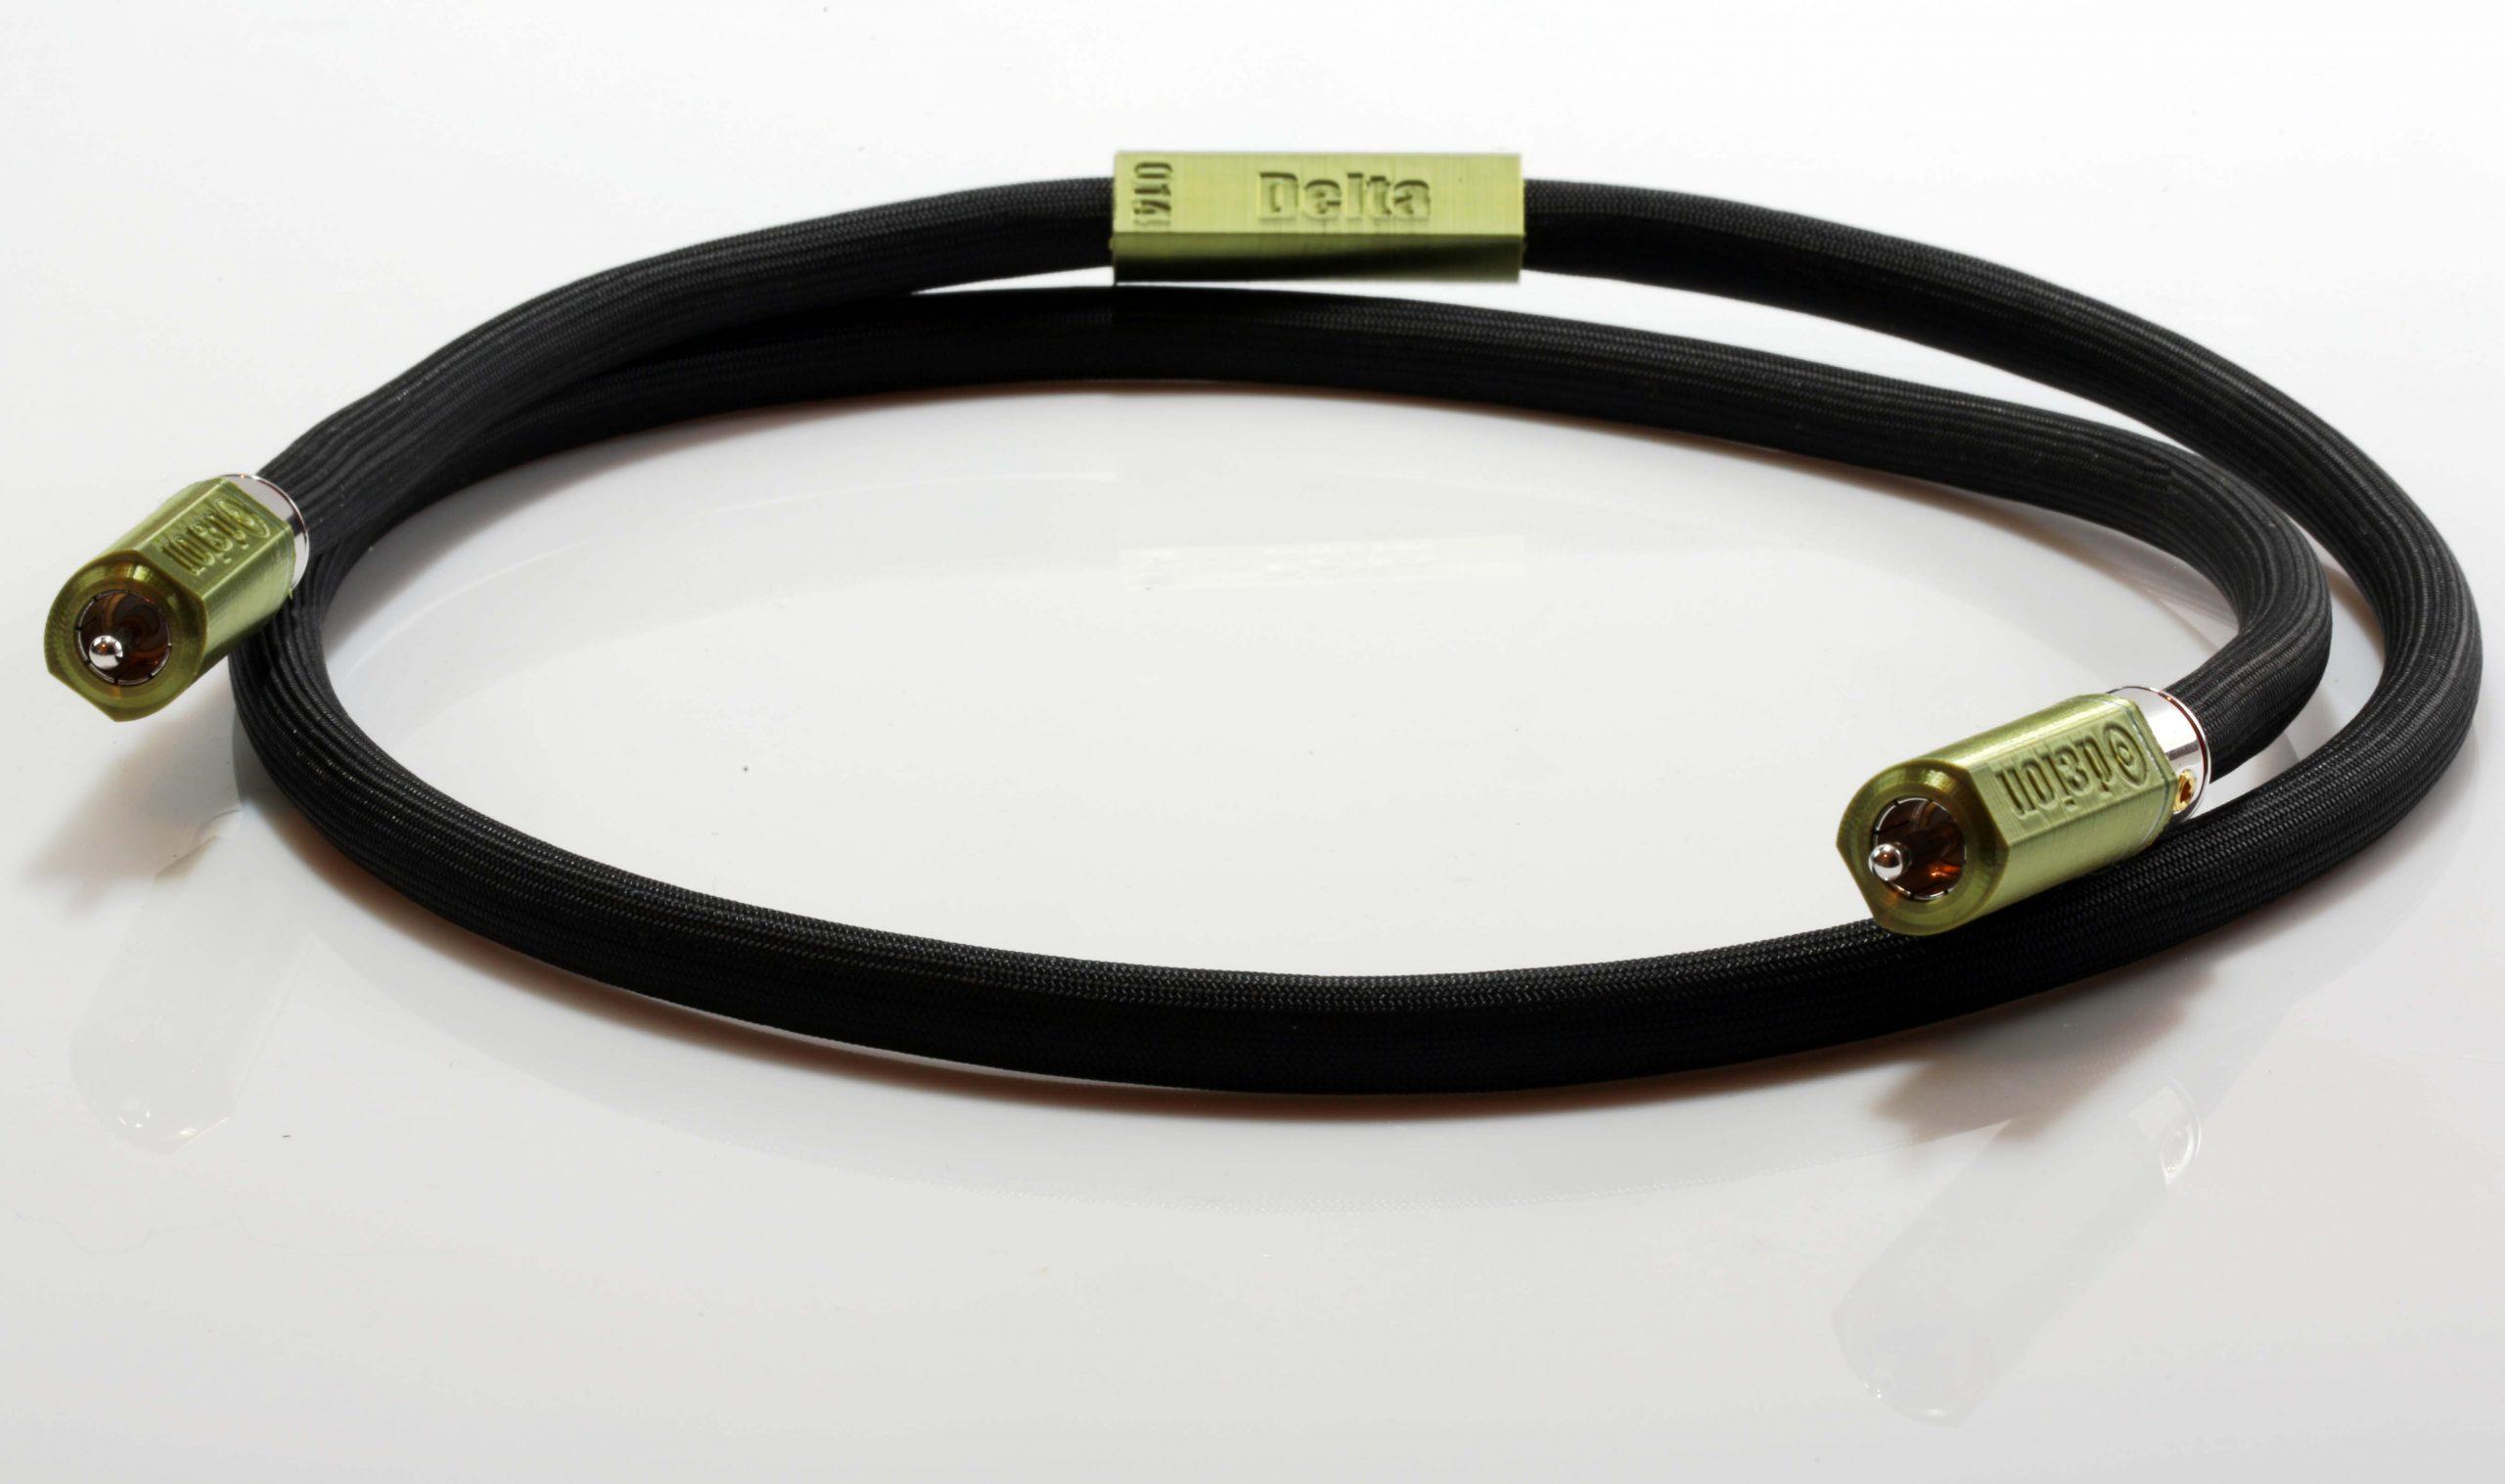 Delta Numérique SPDIF RCA Digital Odeion Cables